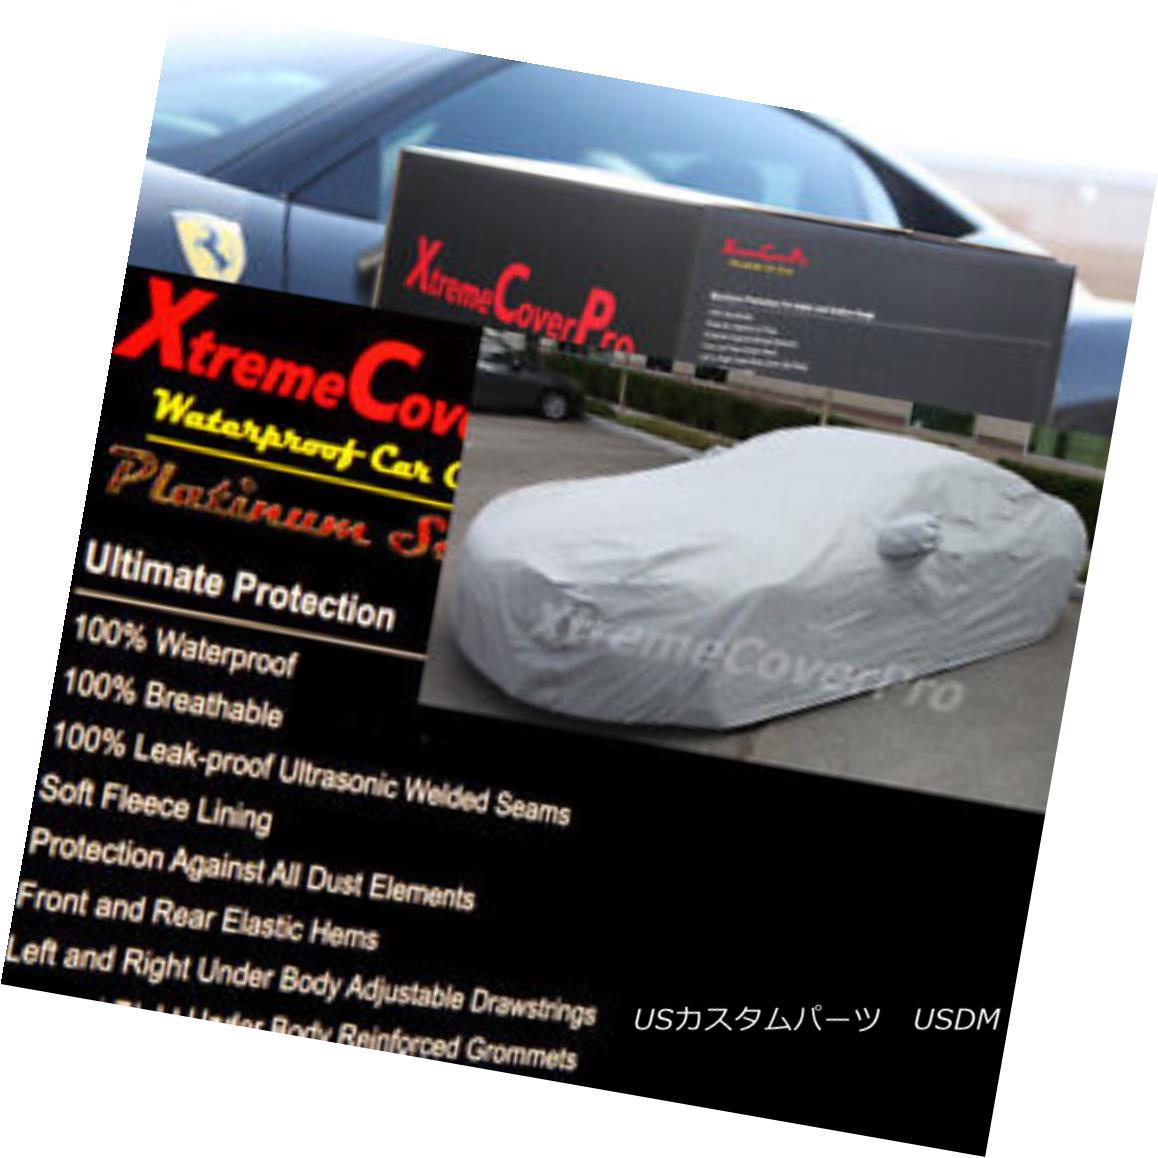 カーカバー 1997 1998 Volvo S90 Waterproof Car Cover w/MirrorPocket 1997年1998年Volvo S90防水カーカバー付きMirrorPocket